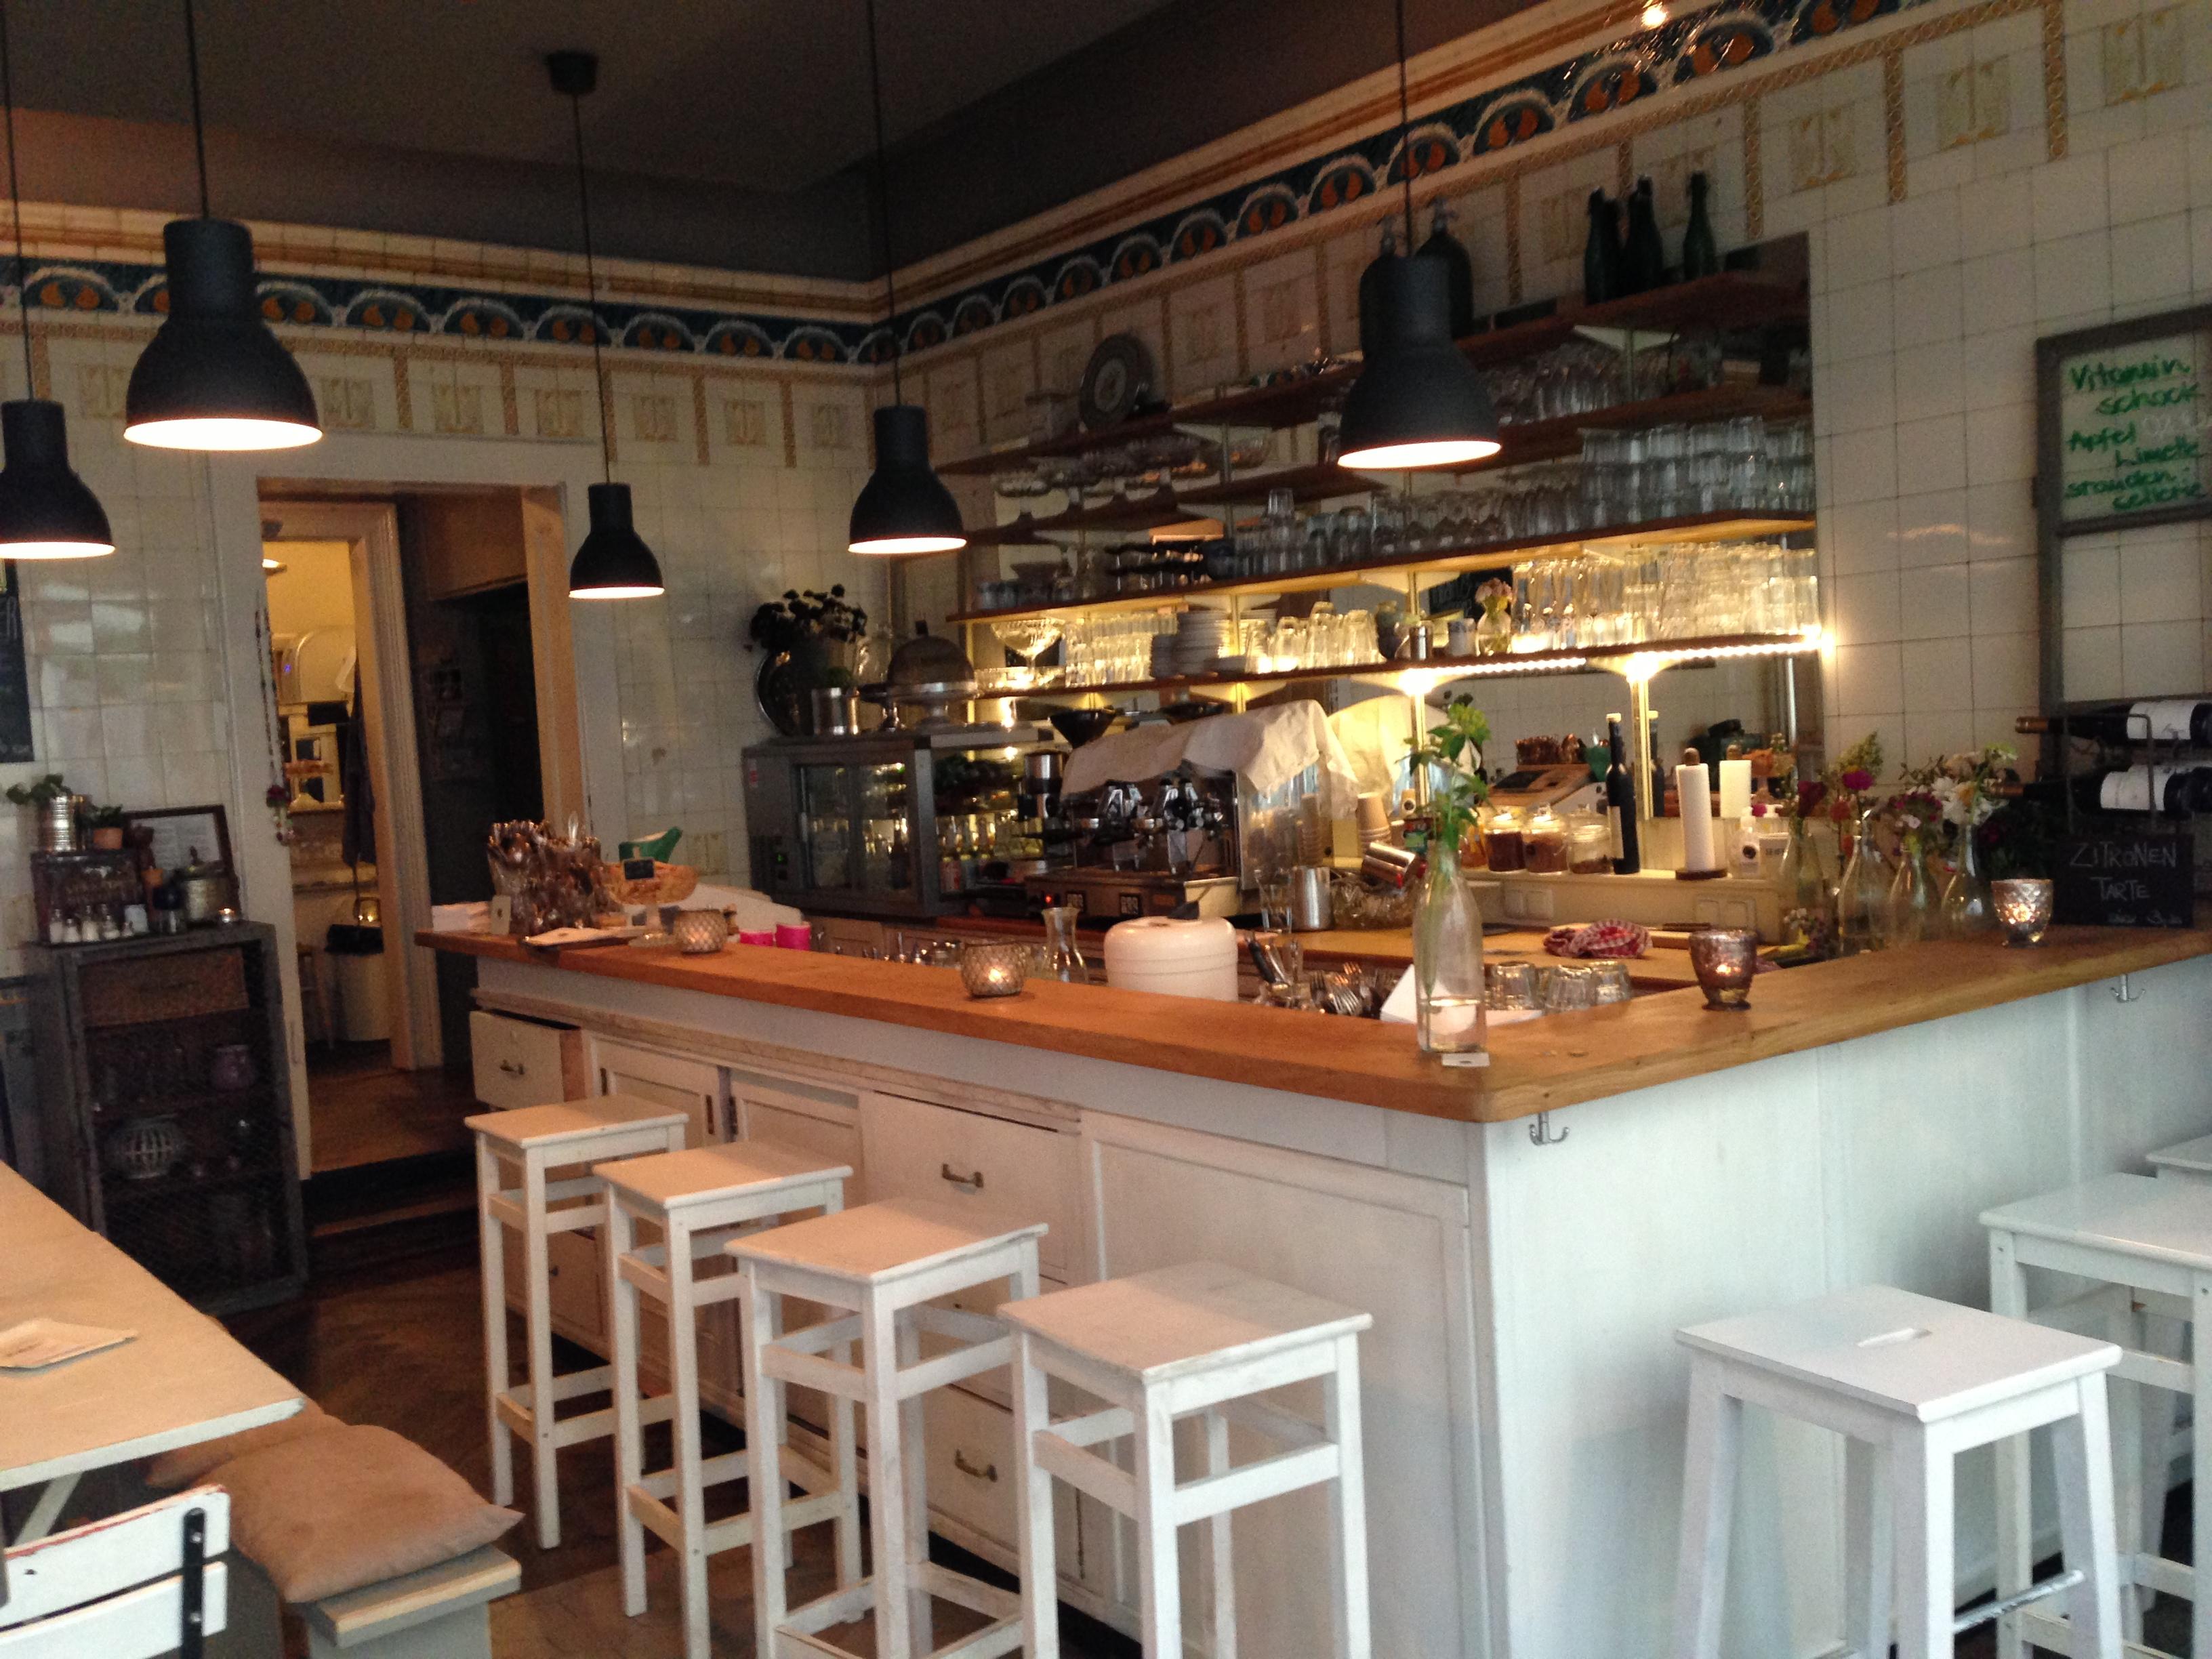 Fruhstuck Munchen Die Besten Cafes In Munchen Fur Brunch